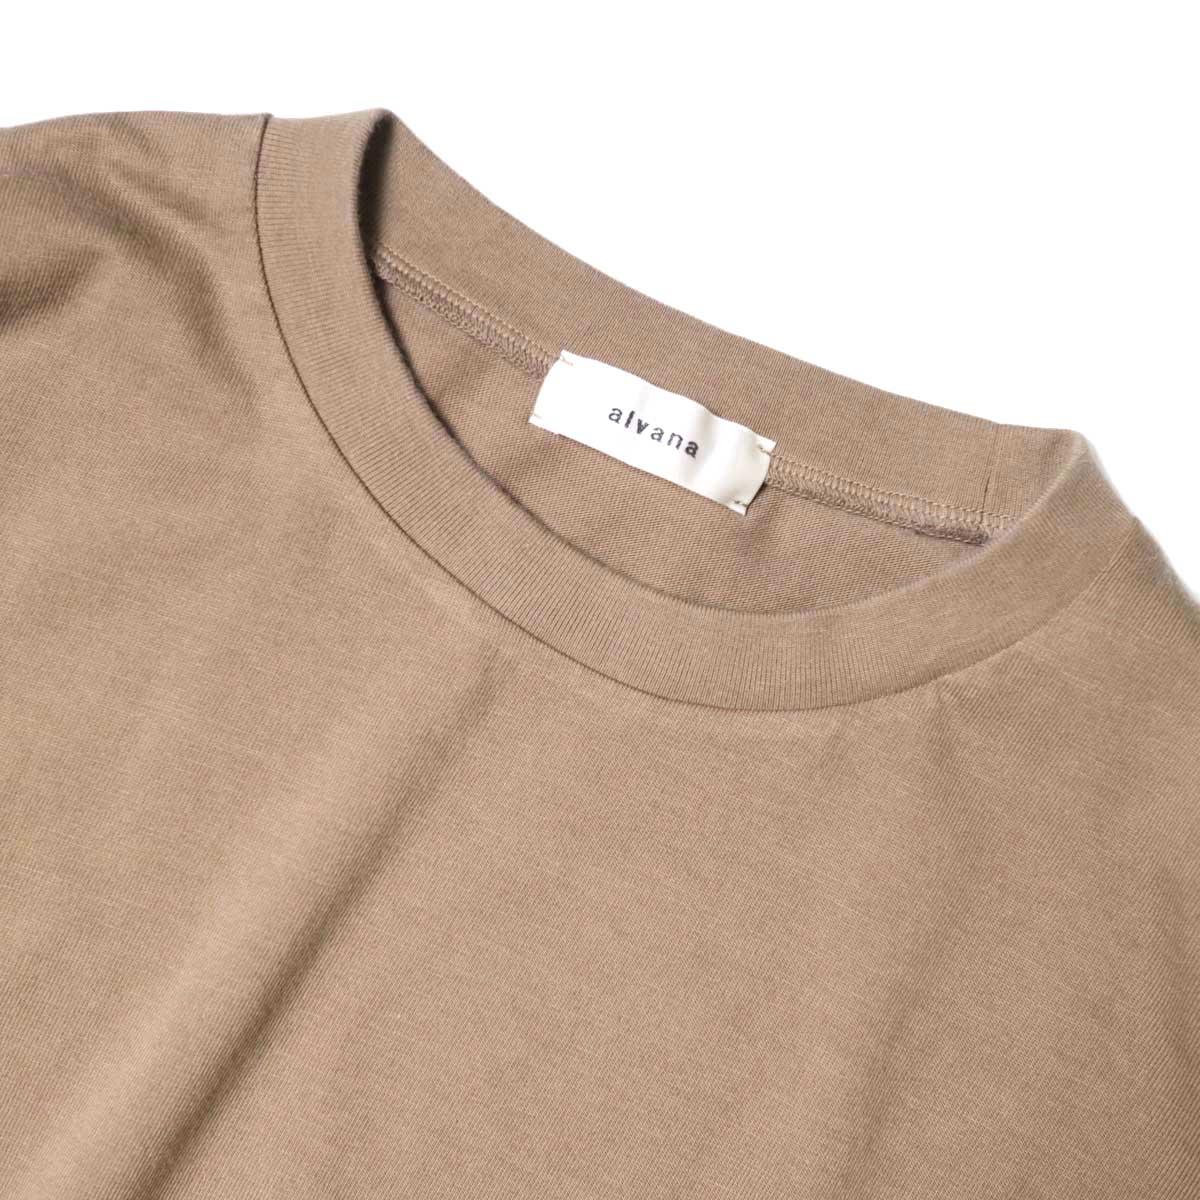 alvana / Dairy Oversize Tee Shirts (Sunset Beige) ネック